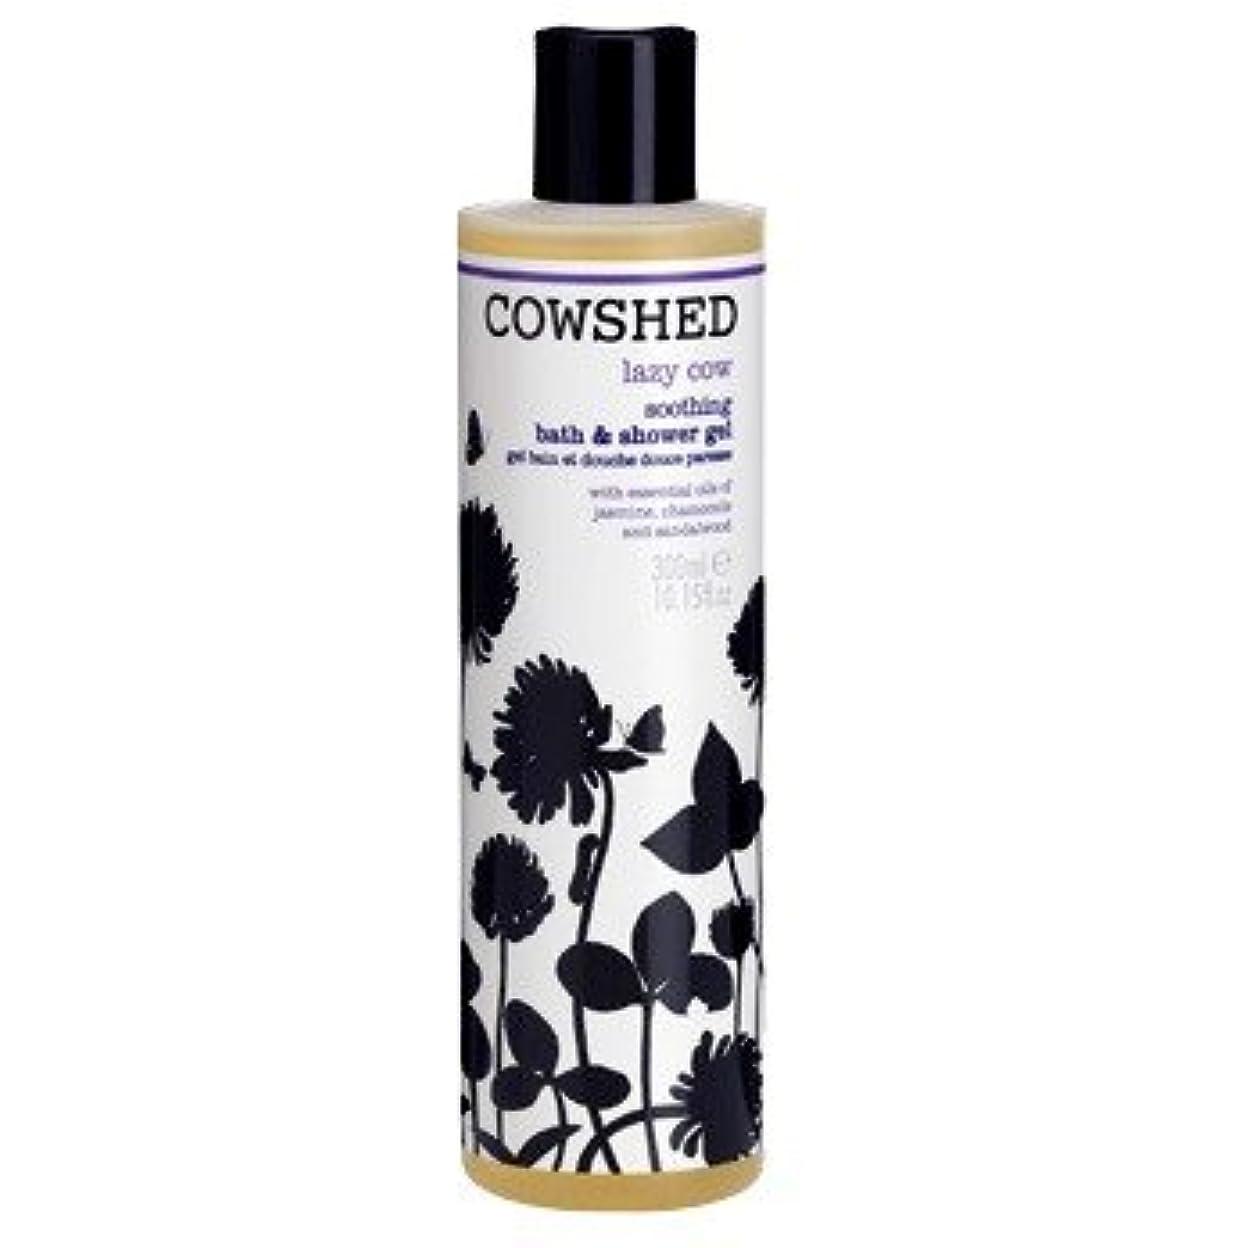 テントアサートレモン牛舎怠惰な牛心地よいバス&シャワージェル300ミリリットル (Cowshed) (x6) - Cowshed Lazy Cow Soothing Bath & Shower Gel 300ml (Pack of 6) [並行輸入品]